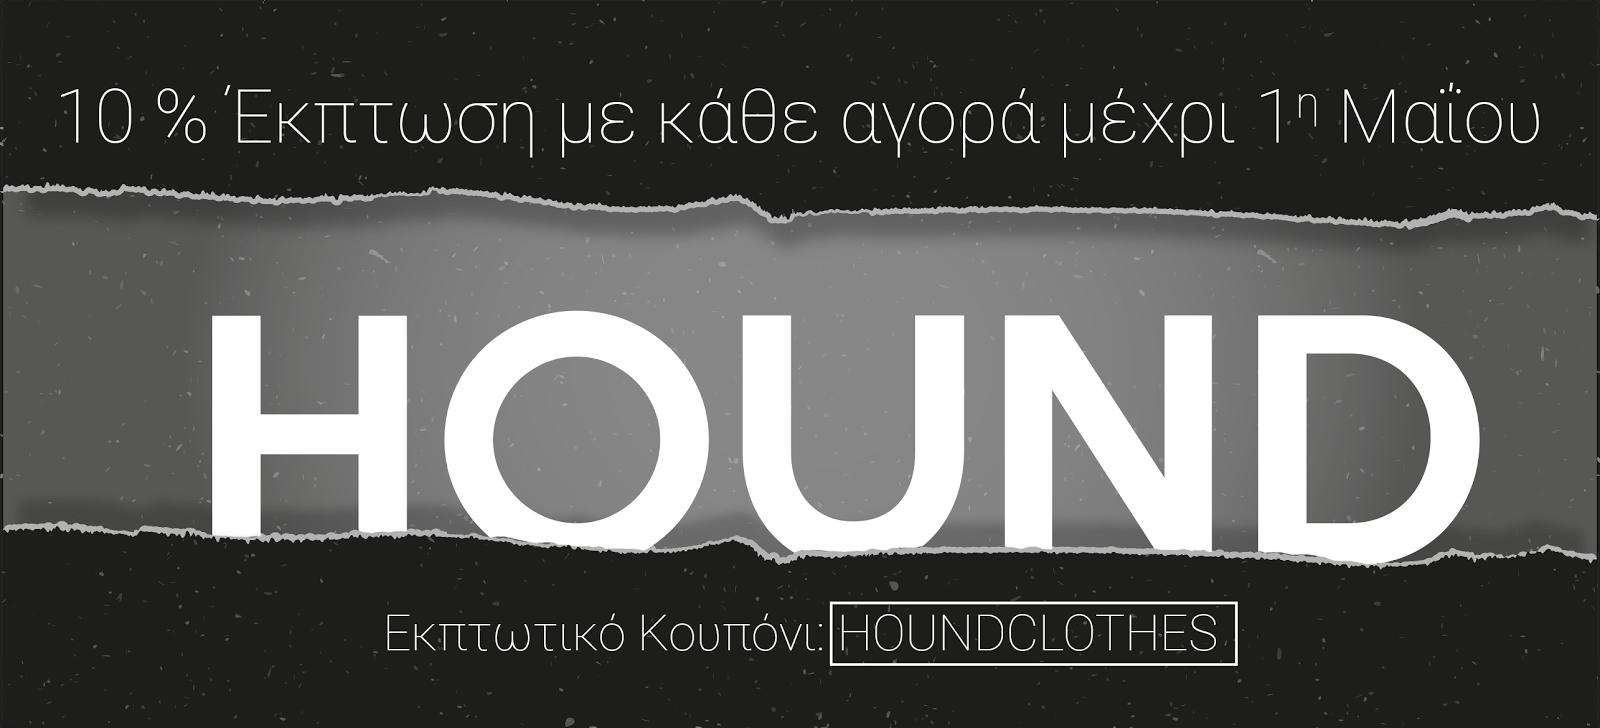 Hound Clothes